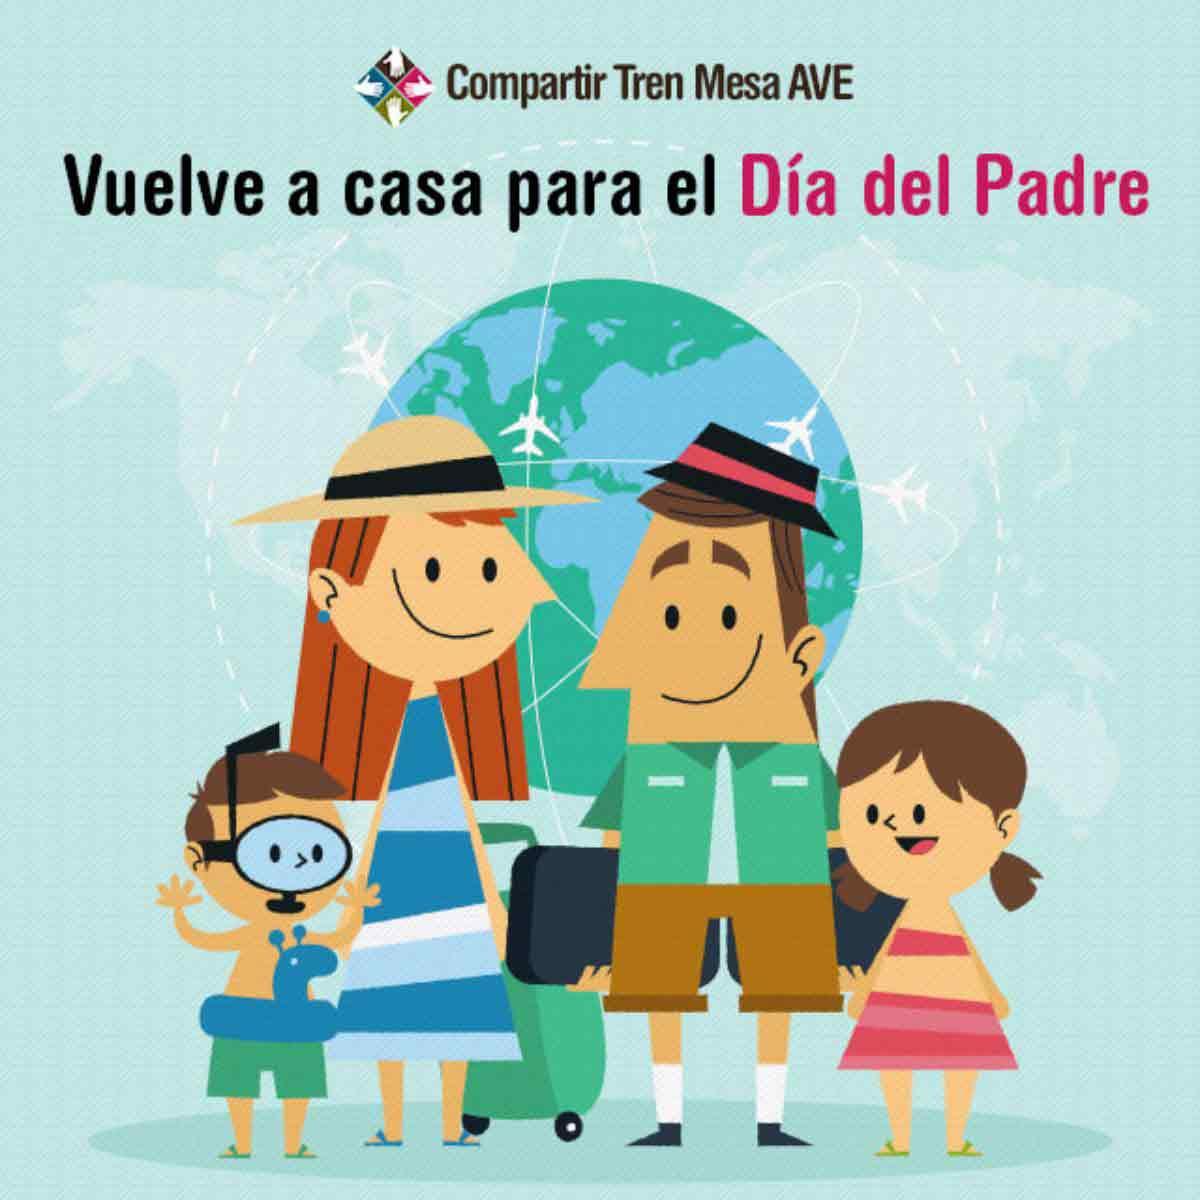 Vuelve a casa para celebrar el Día del Padre